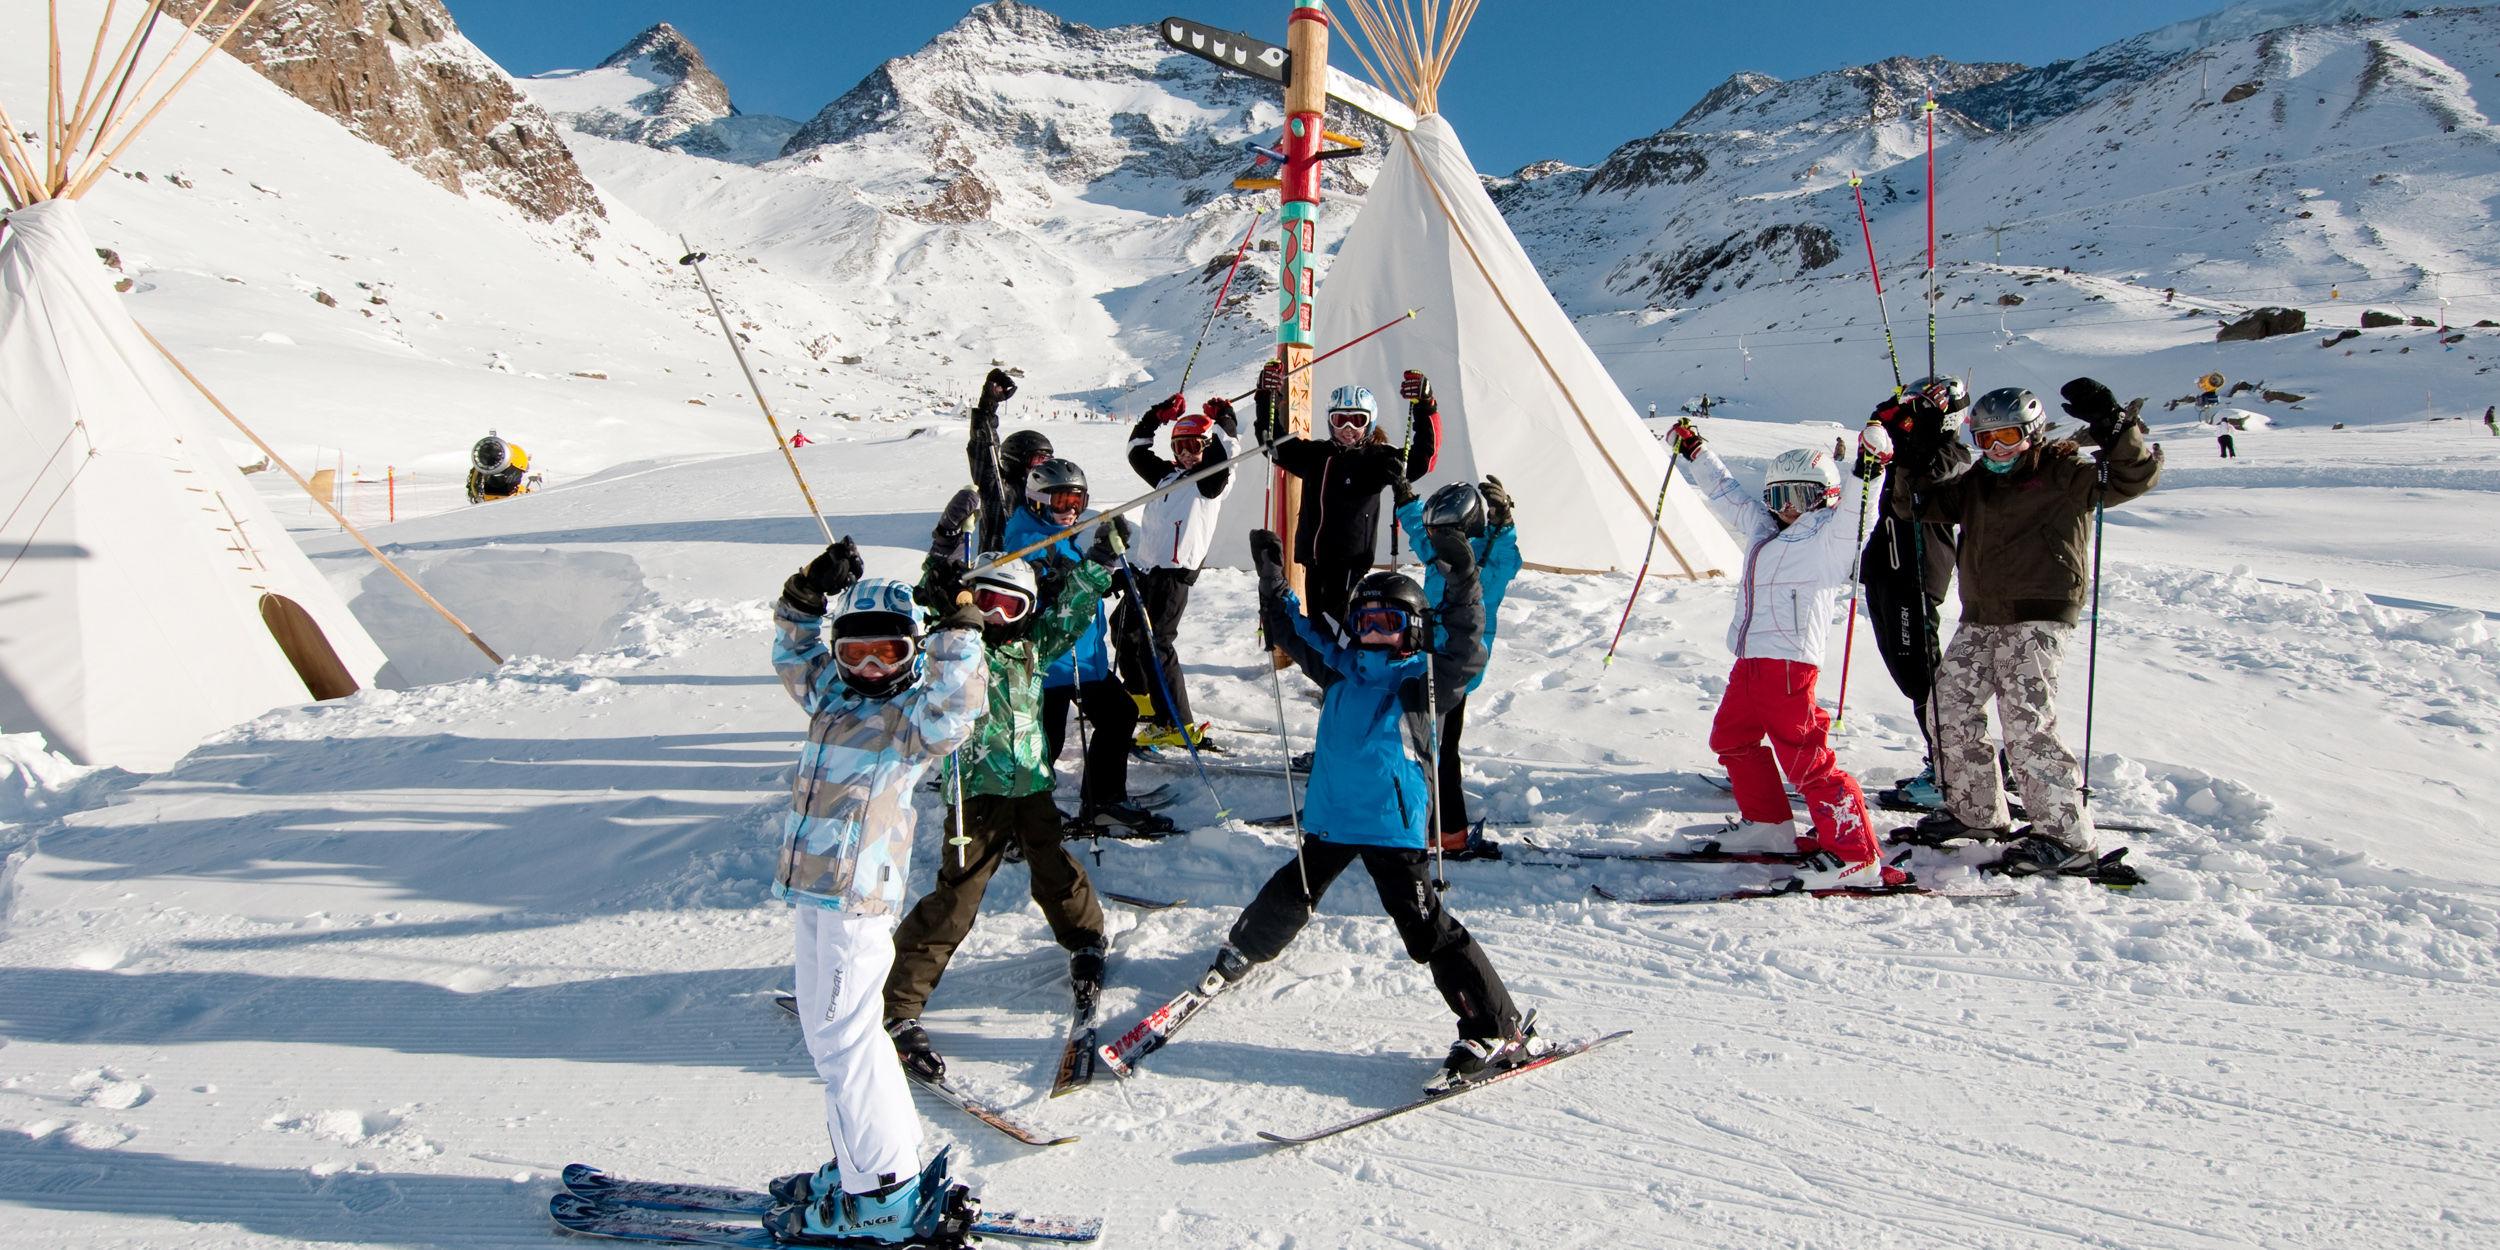 Hohsiland im Winter in der Freien Ferienrepublik Saas-Fee